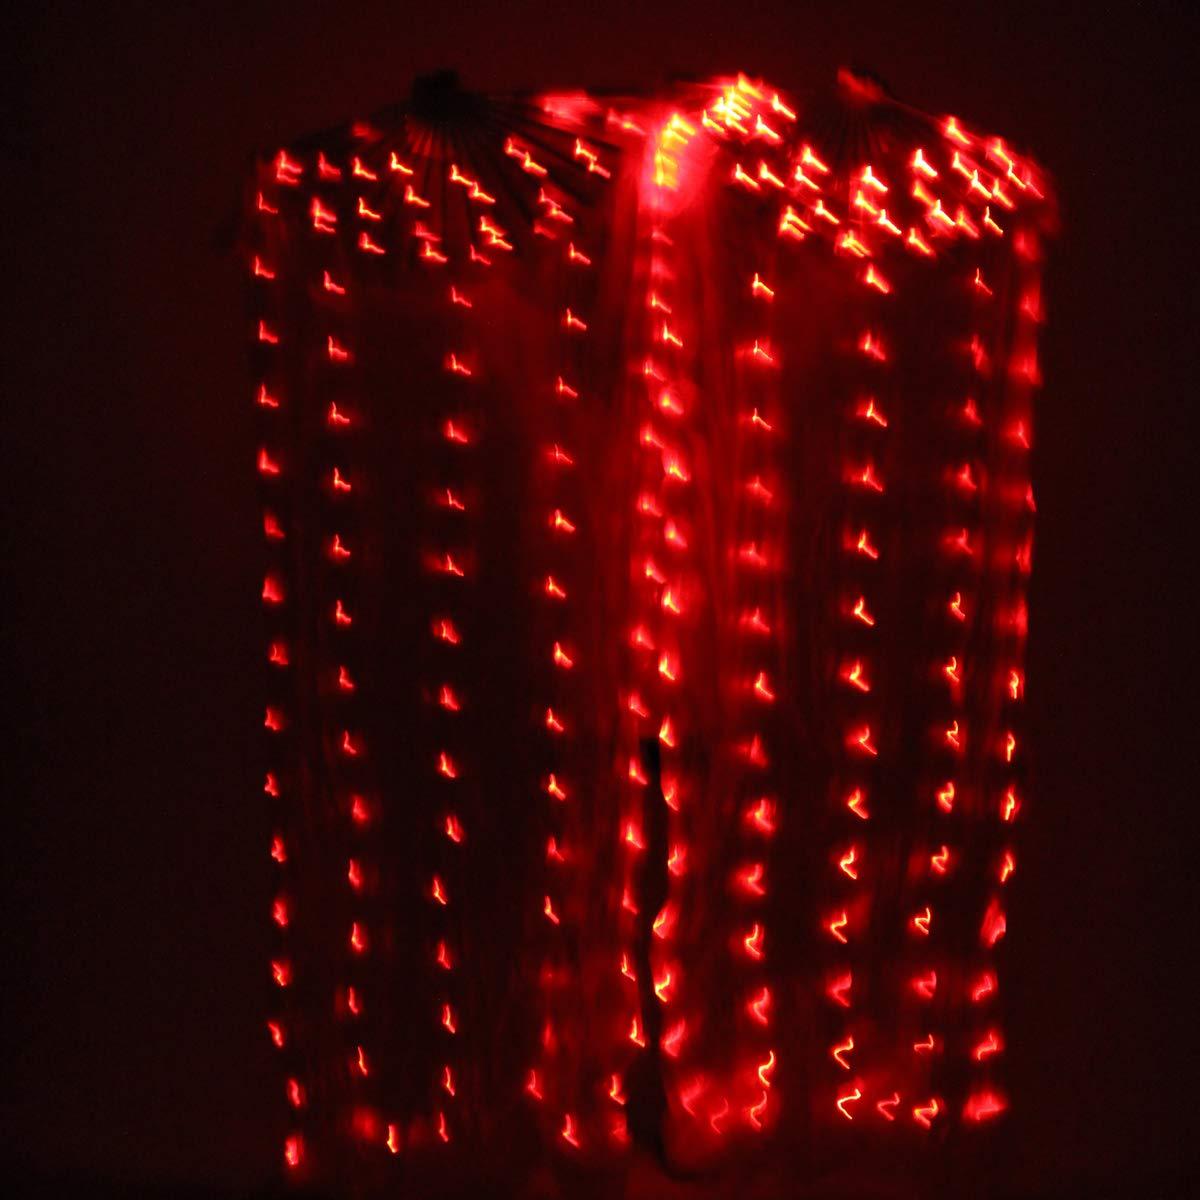 Misi ChaoベリーダンスLEDファンベール – 1.8 Long竹ファンベールHand Madeシルクファンダンス/アウトドア B07HMV5G21  レッド